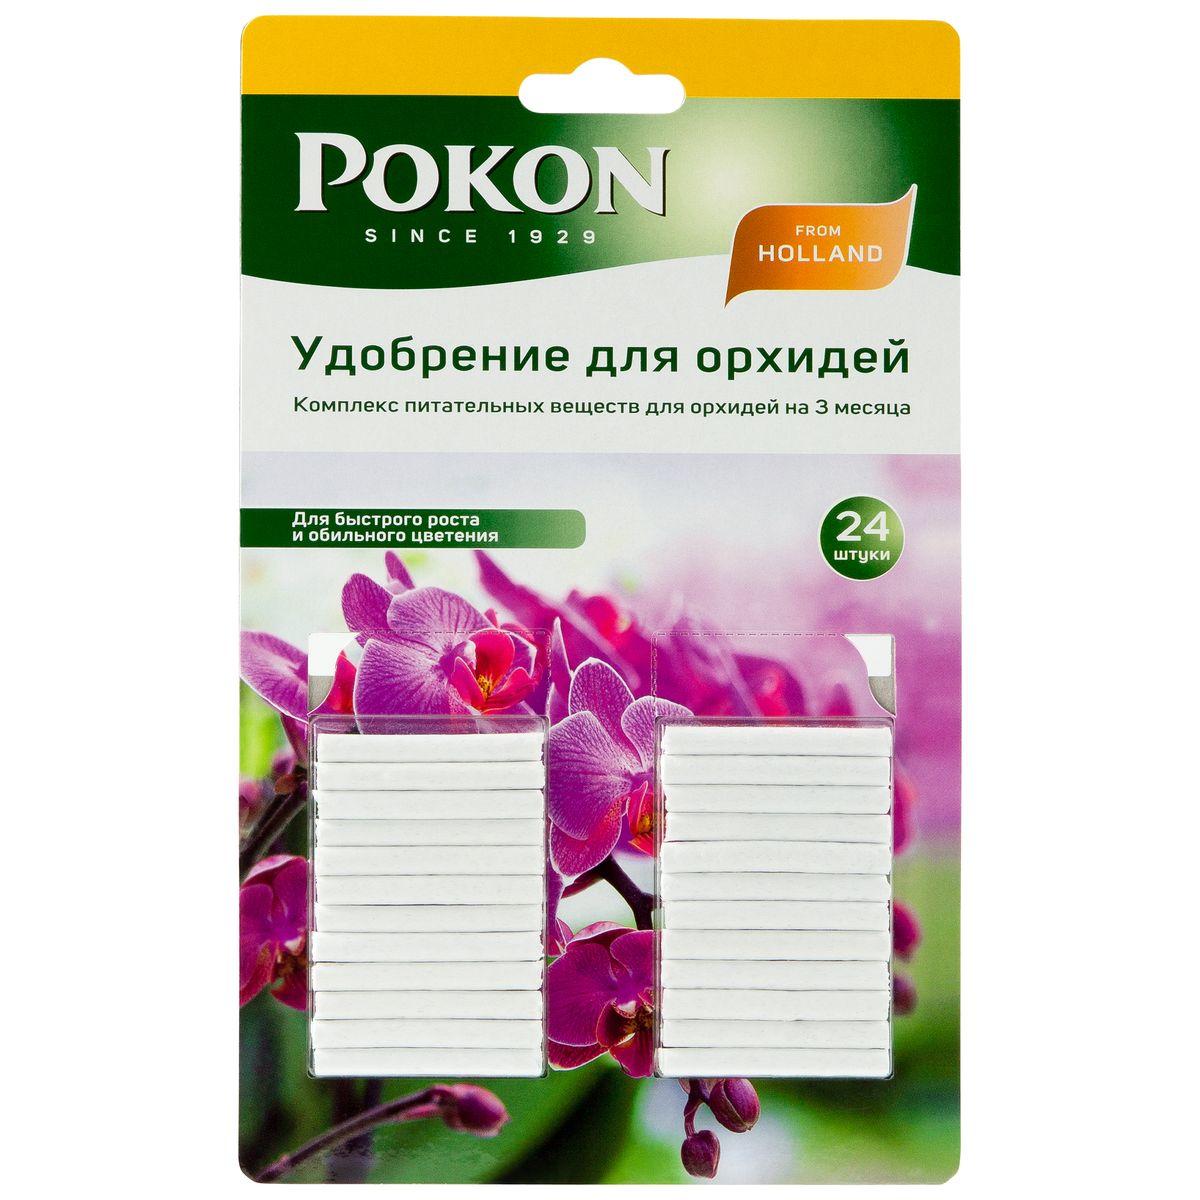 Удобрение Pokon для орхидей, в палочках, 24 шт8711969016057Удобрение Pokon для орхидей в палочках: NPK 14 + 7 + 8 с добавкой 2 MgO. Удобрение в палочках Pokon содержит тщательно подобранные питательные вещества, сбалансированные для орхидей. Эта высококачественная смесь способствует обильному и продолжительному цветению. Инструкция по применению: - Измерьте диаметр горшка с растением и определите нужное количество палочек по прилагаемой таблице. - Полностью воткните палочки в грунт, равномерно распределив их вокруг растения. - Полейте грунт, и удобрение немедленно начнет действовать. - Добавляйте новые палочки каждые три месяца. Состав: 14% — общее содержание азота (N); 2% — аммонийный азот; 2% — мочевинный азот; 9,7% — азот, полученный из мочевинного формальдегида, в том числе: 2,2% — азот, растворимый в холодной воде; 1,1% — азот, растворимый в горячей воде; 7,0% — безводная фосфорная кислота (P2O5), растворимая в нейтральном цитрате аммония и воде; 8,0% —...